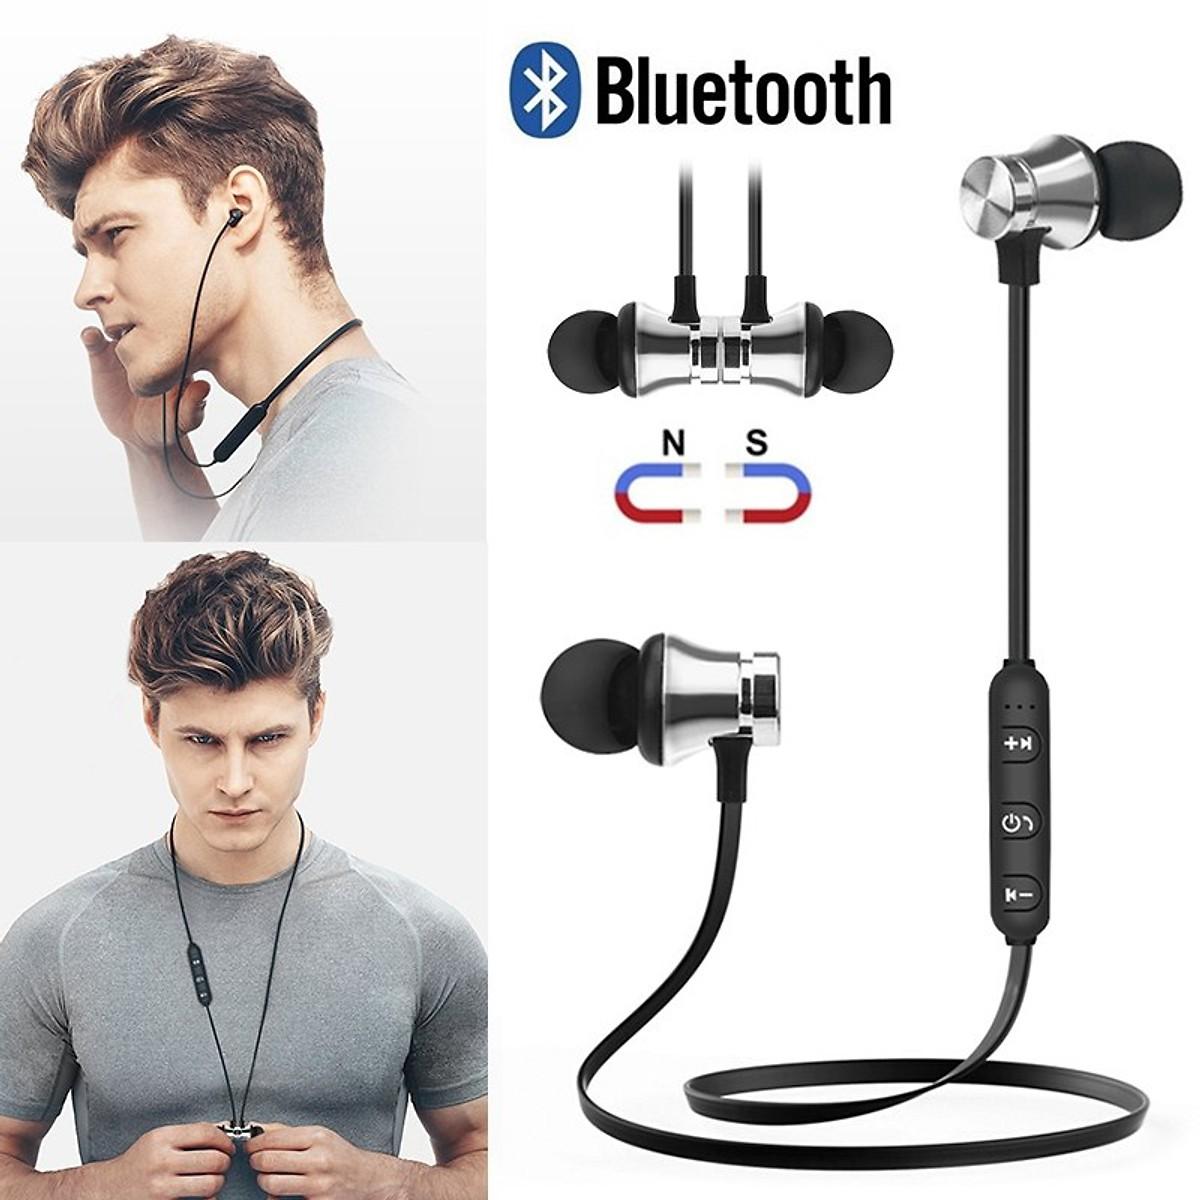 Tai Nghe Bluetooth Nhét Tai Có Dây XT-11+ Tặng Hộp Quẹt Bật Lửa Bay Mặt Ma Cao Cấp (Màu Ngẫu Nhiên)